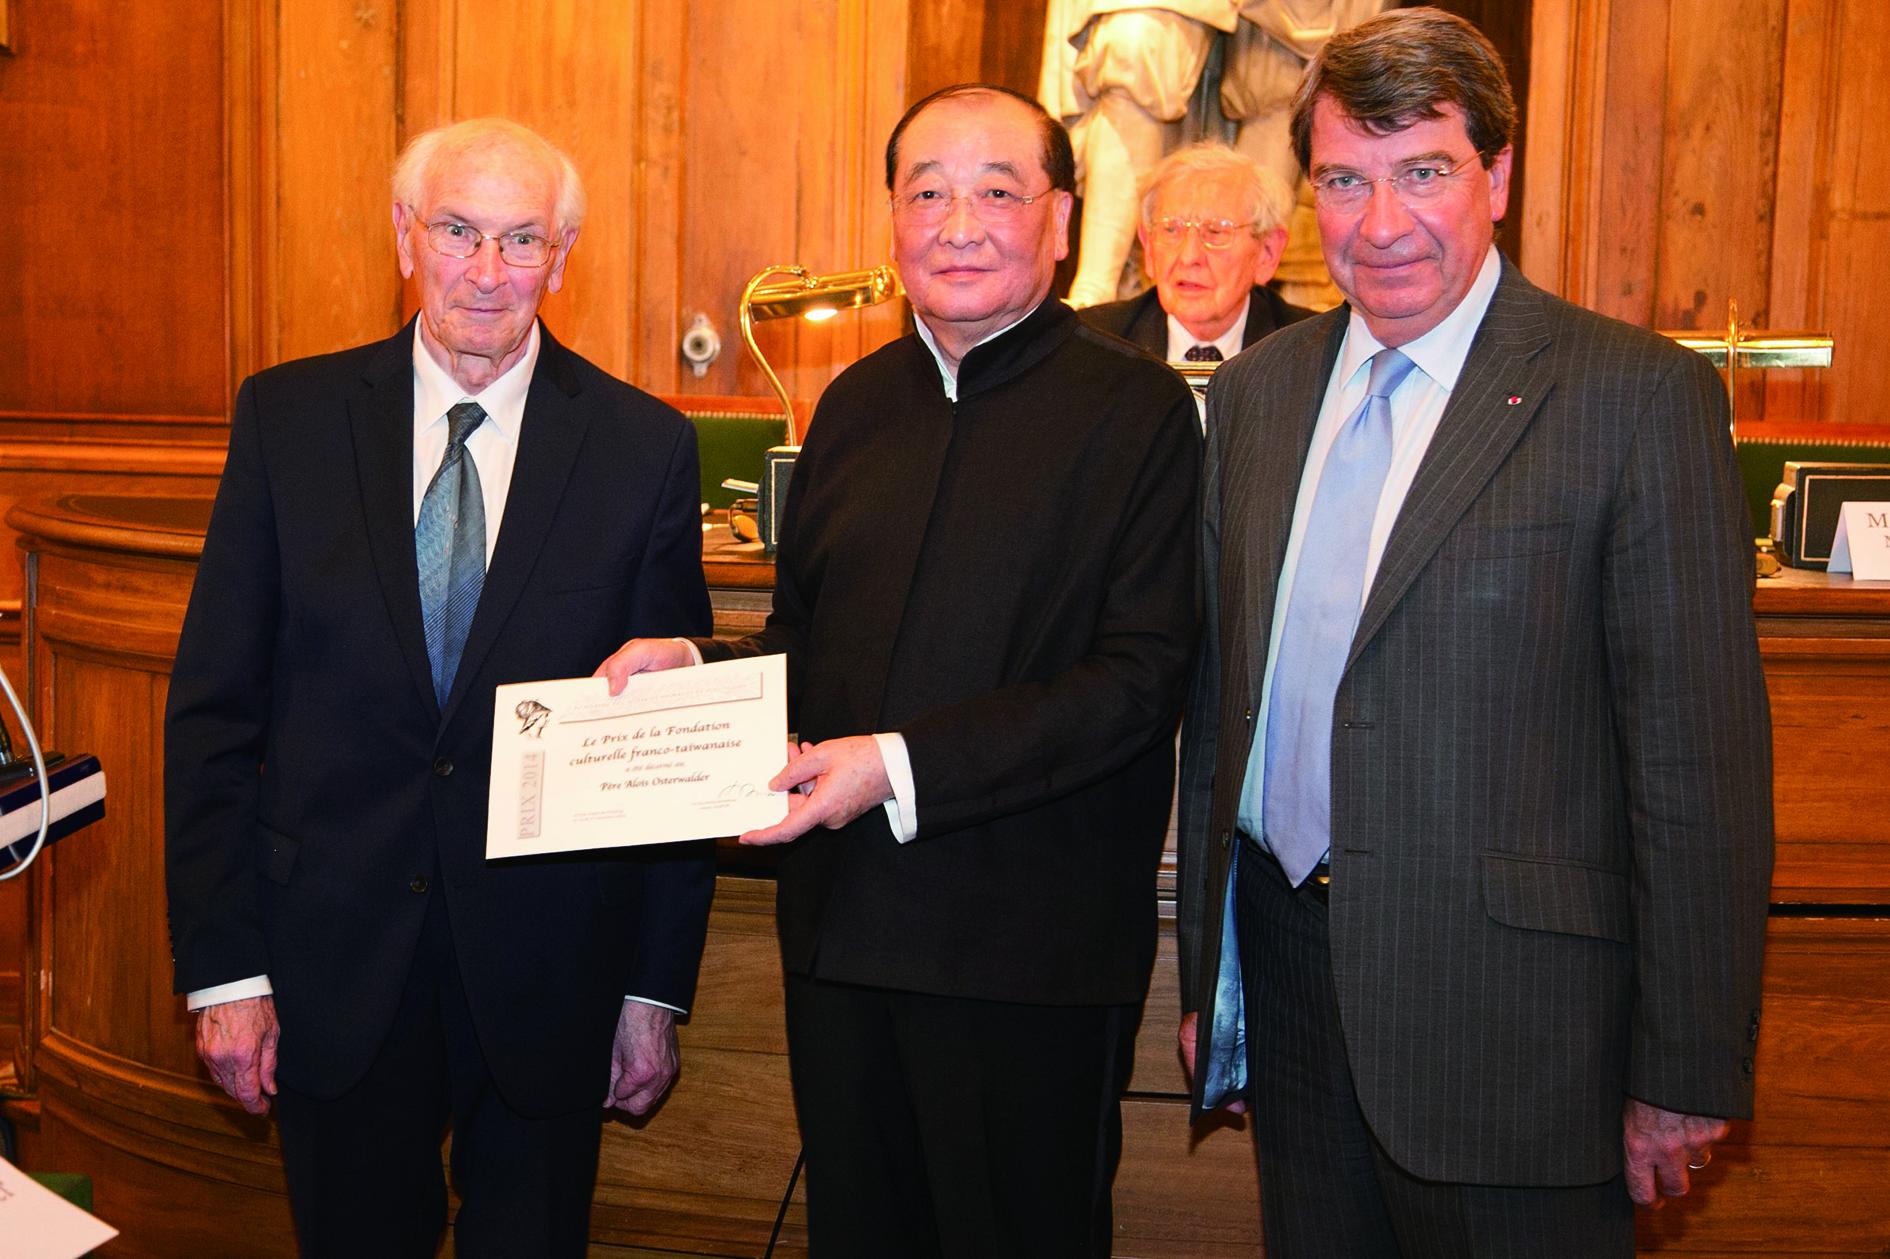 2015年7月6日歐樂思神父在法國巴黎法蘭西學院大院士會議廳,由當時的文化部長洪孟啟頒予第十九屆臺法文化獎。.jpg